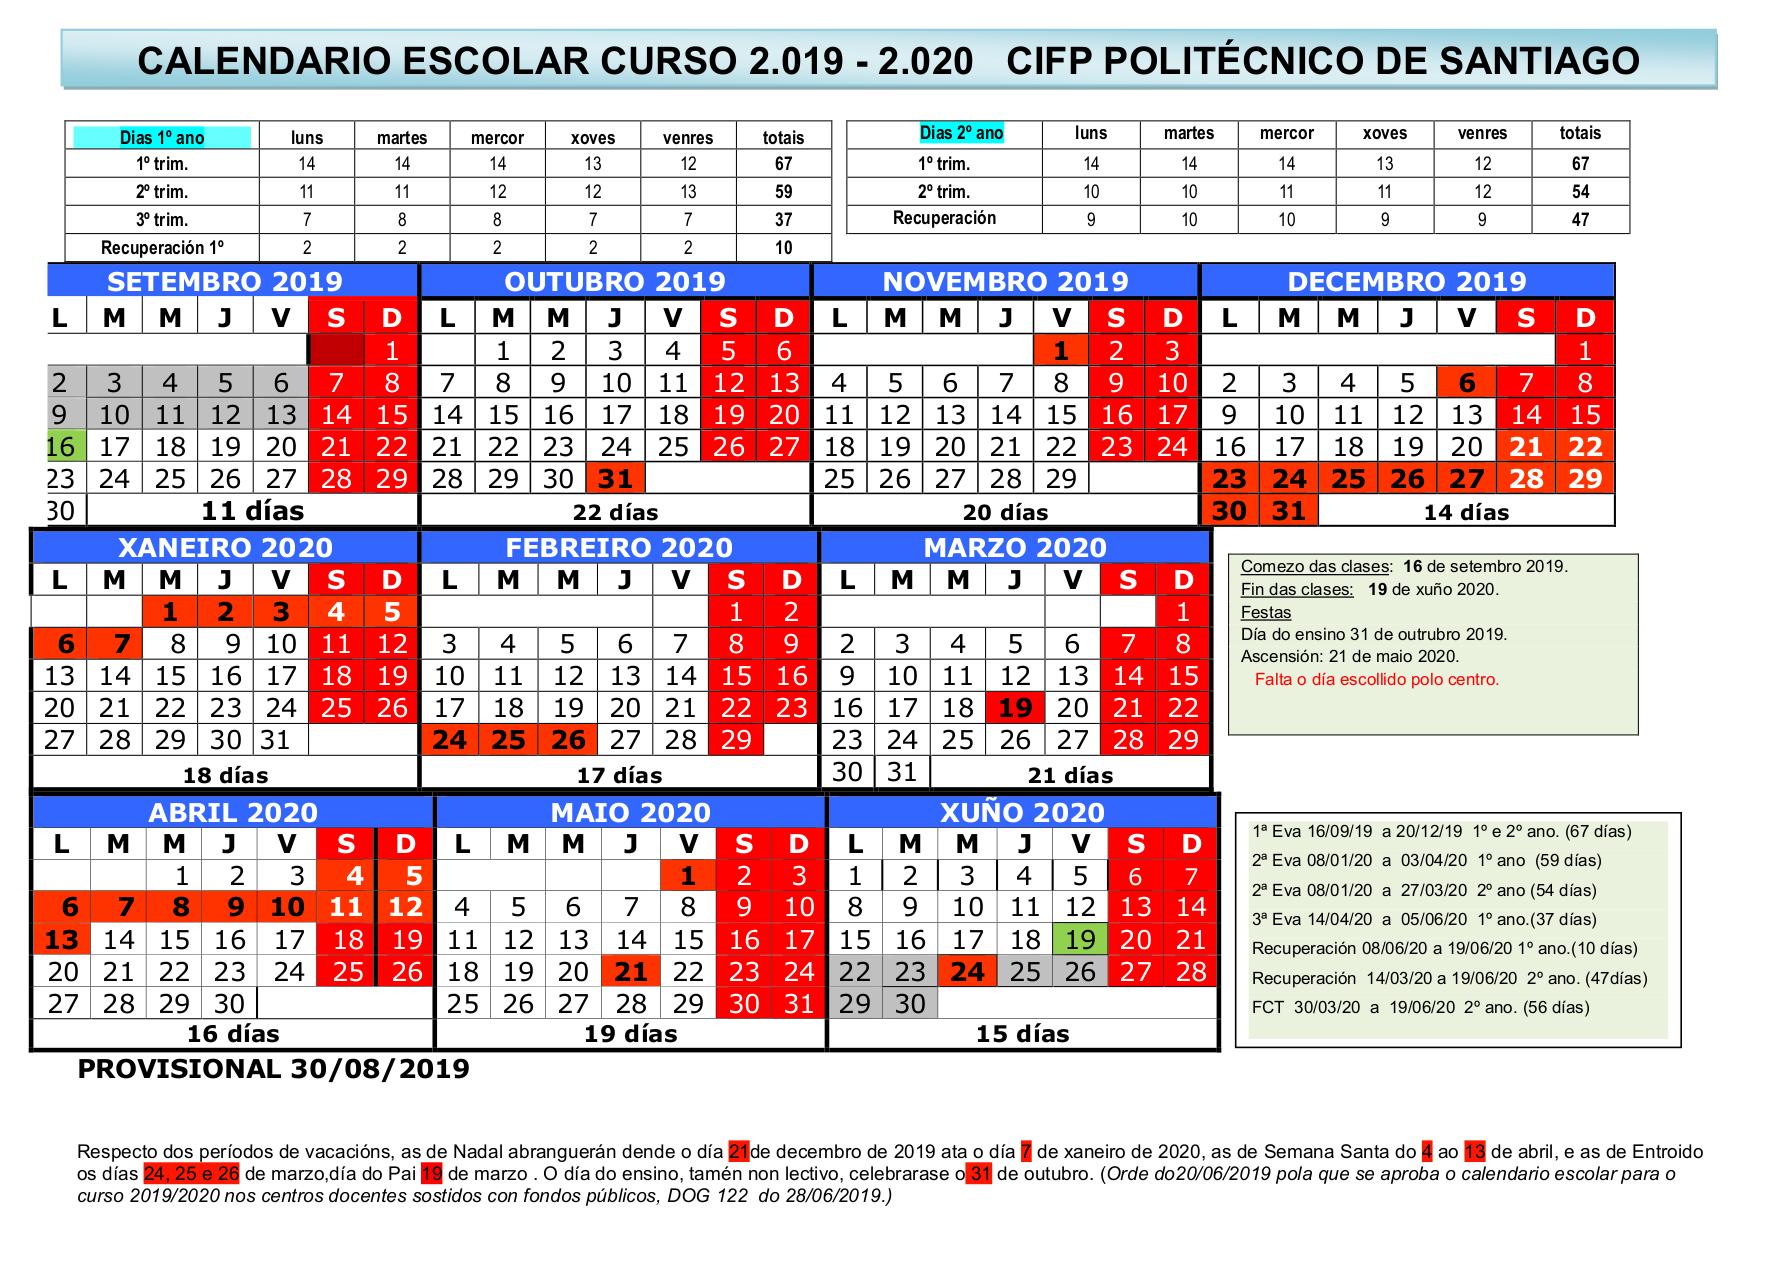 Calendario Politecnico.Calendario Escolar 2018 19 Politecnico De Santiago